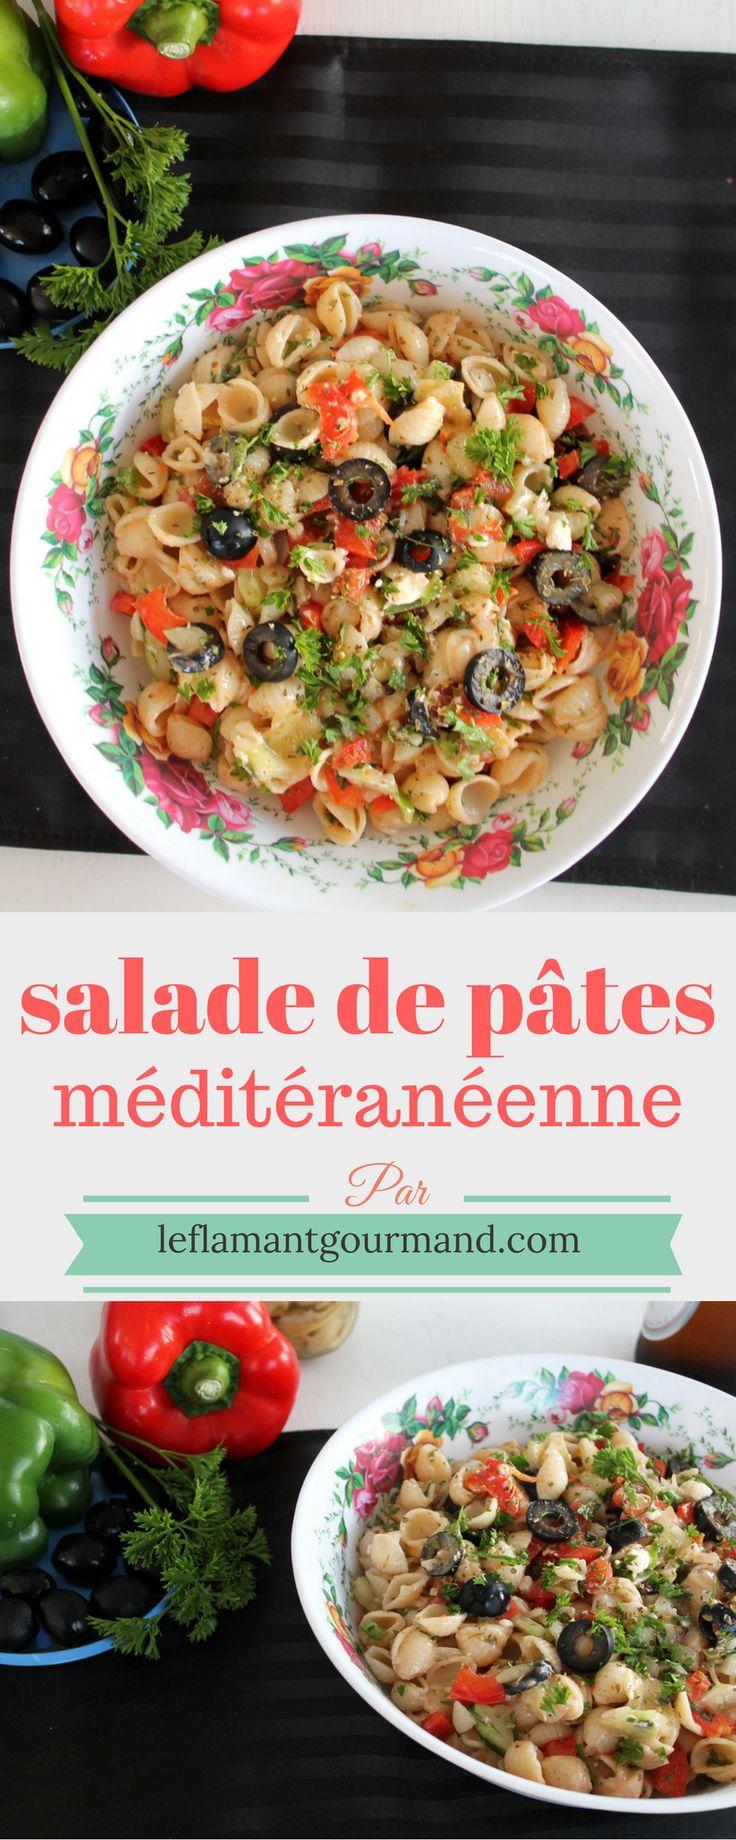 Salade de pâtes méditerranéenne et vinaigrette italienne maison | Le flamant gourmand